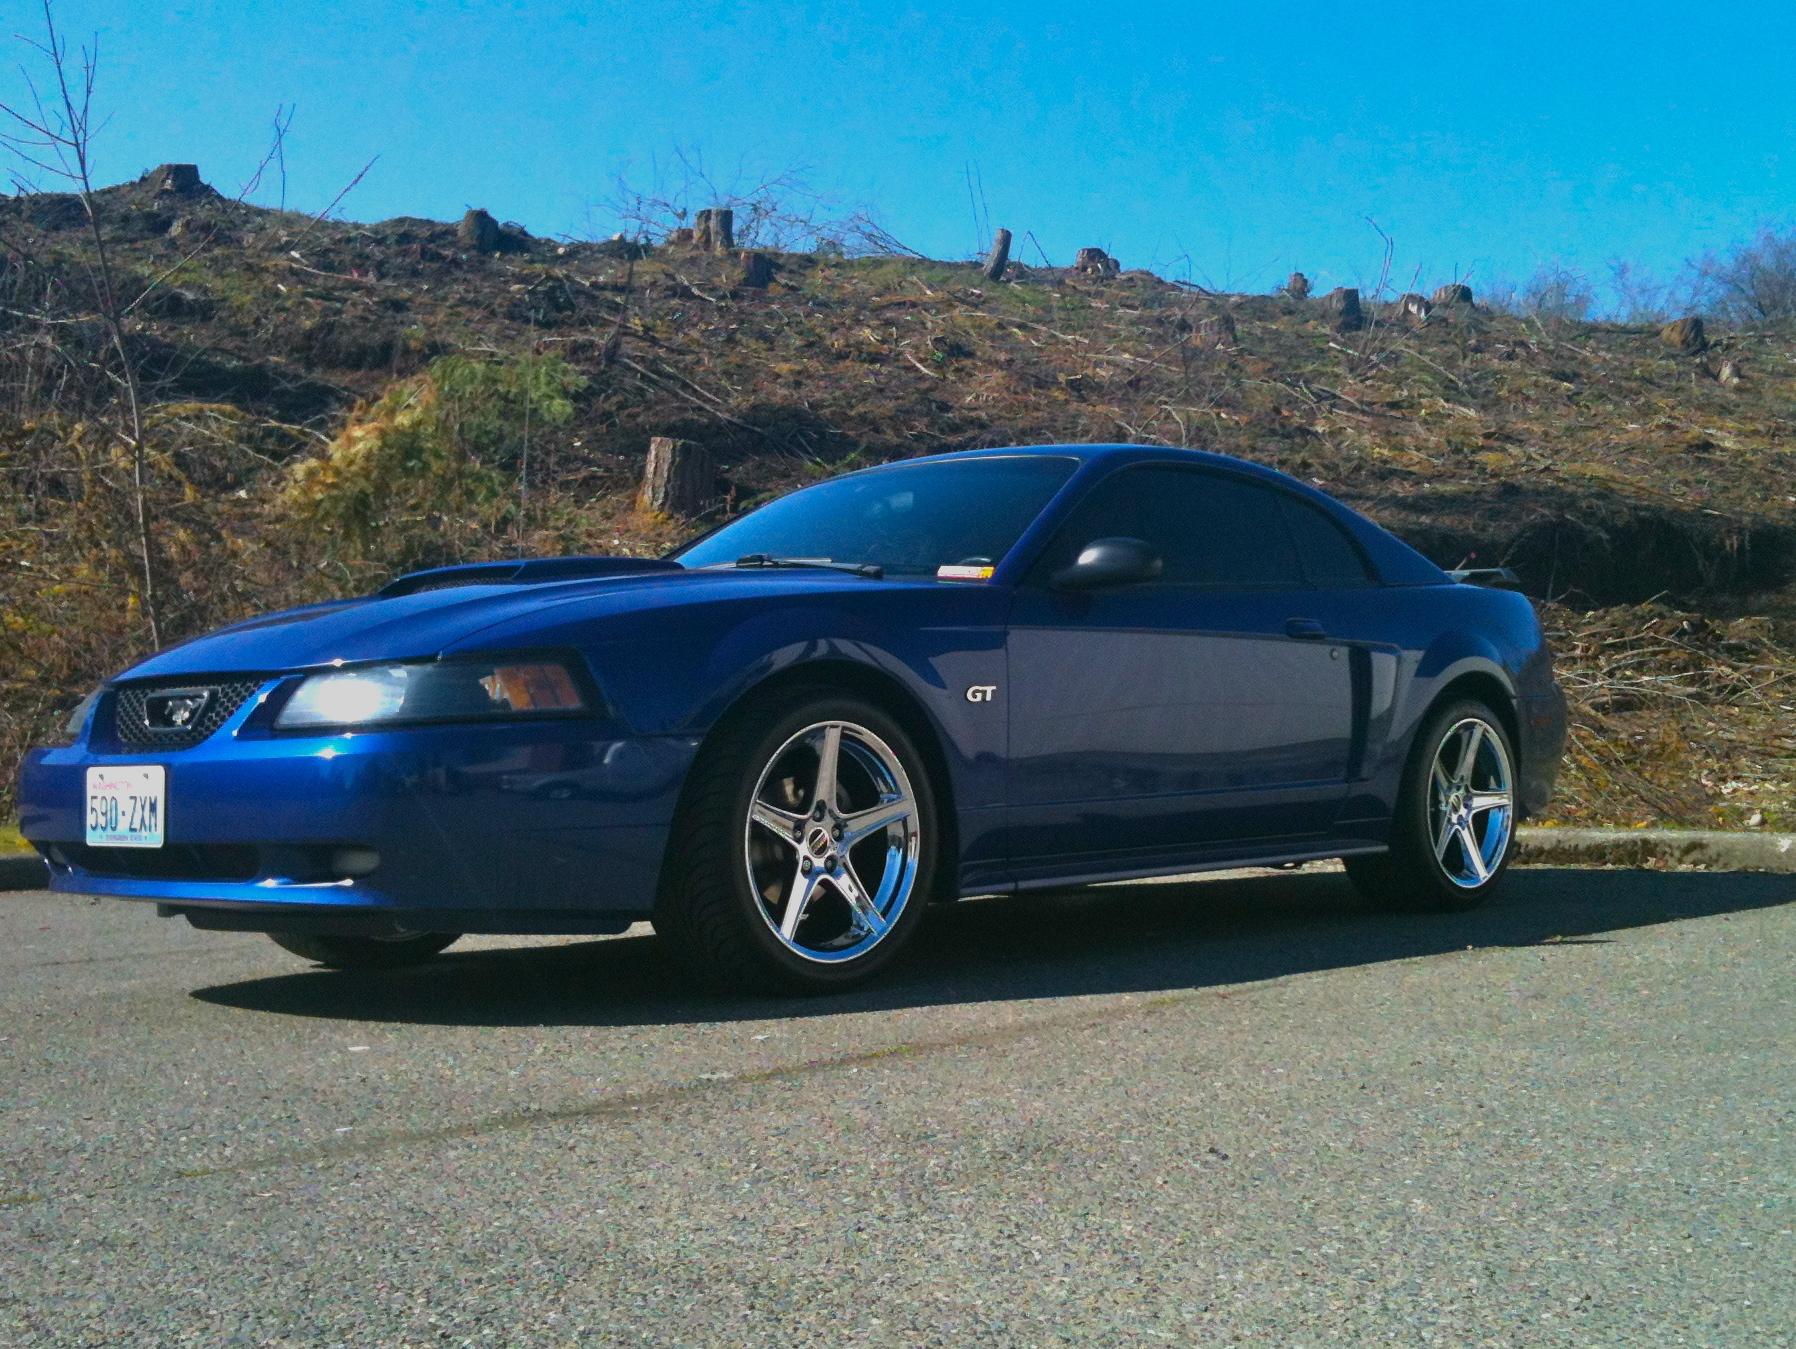 04 Mustang Gt >> New Saleen Wheels - Mustang Evolution